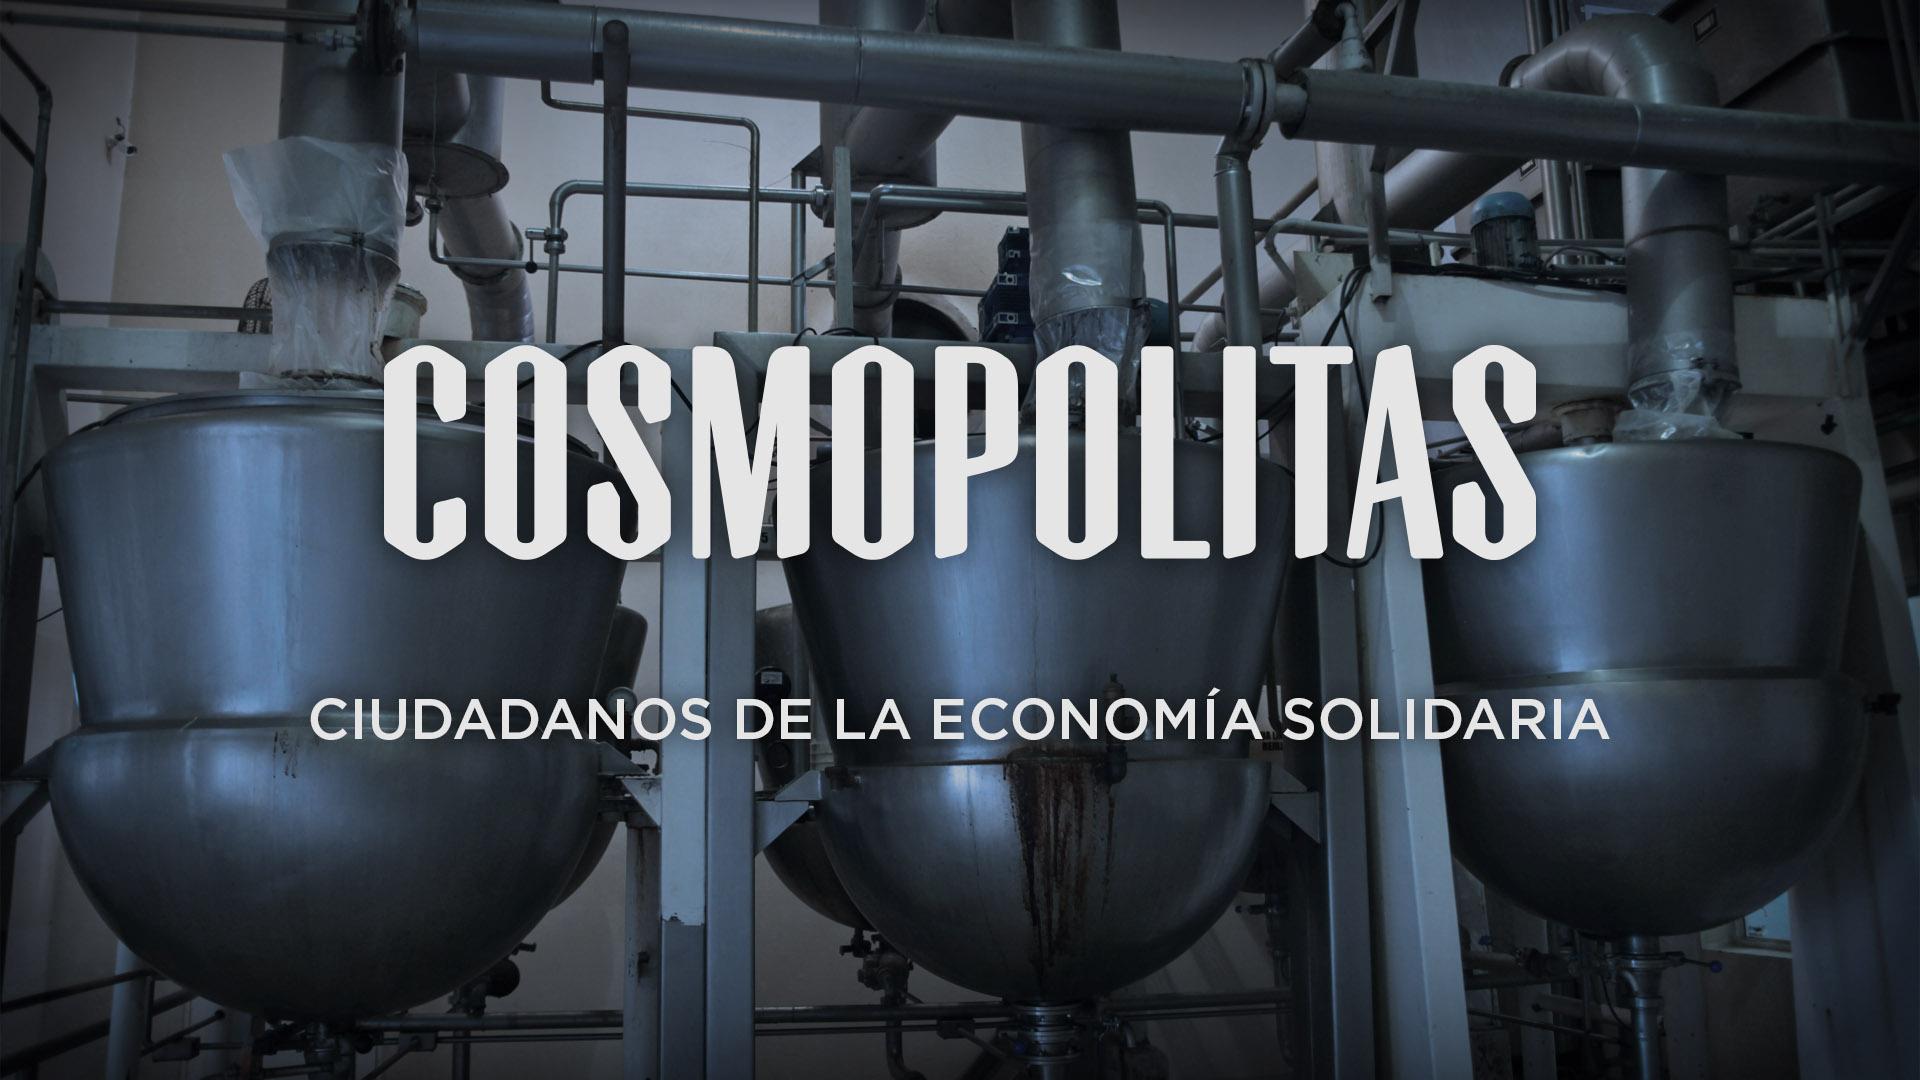 http://mundocosmopolitas.com.ar/